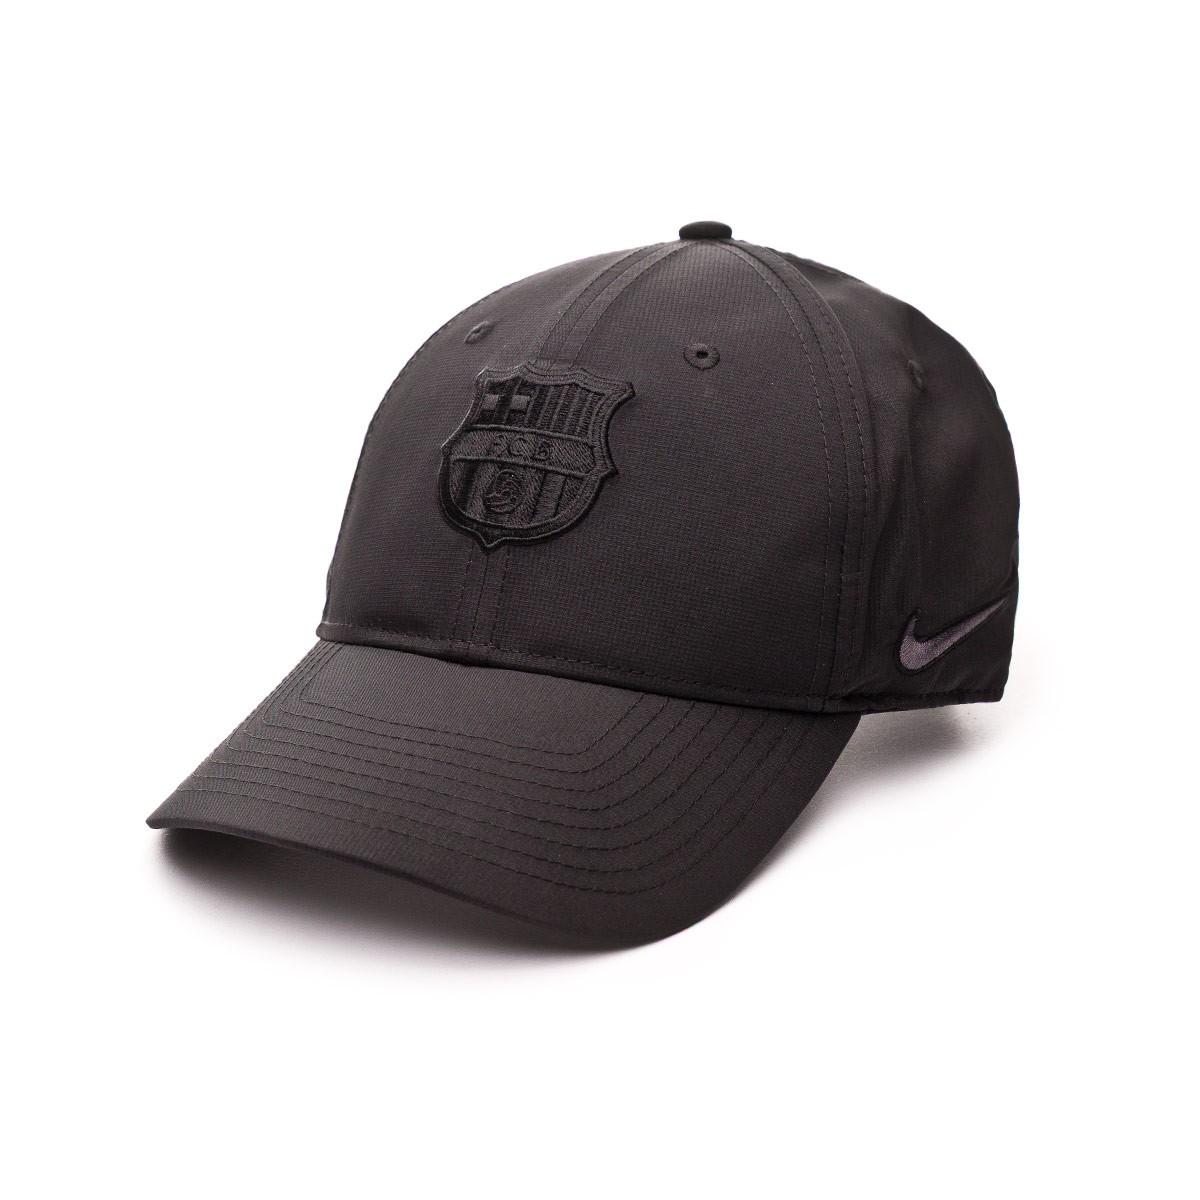 9d7f891c5 Futbalové kluby (všetky) | Nike FC Barcelona šiltovka čierna ...